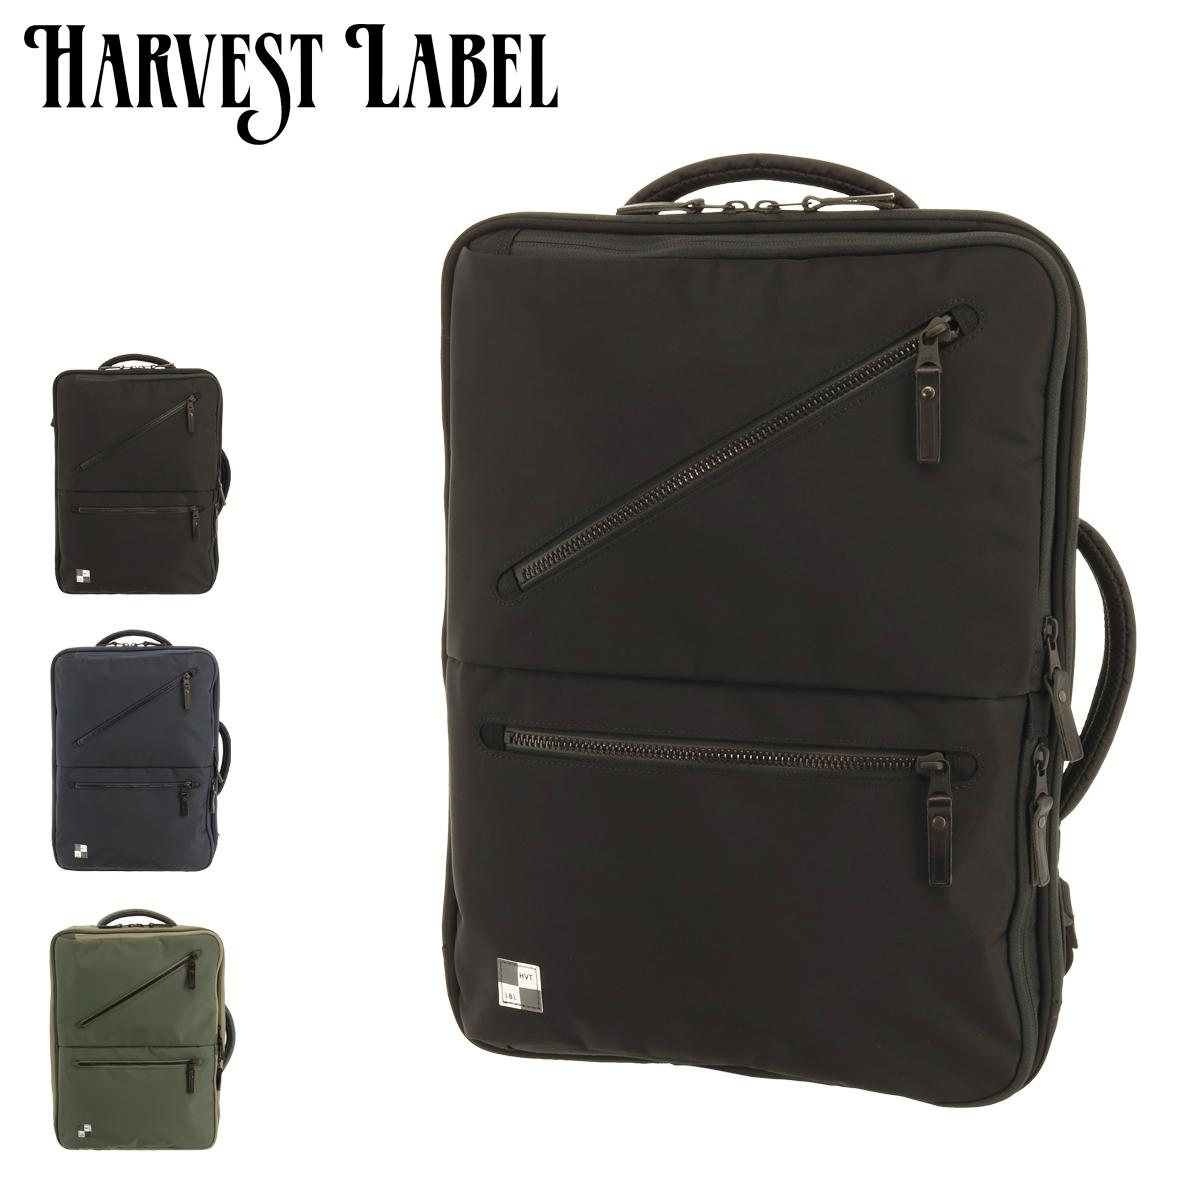 ハーヴェストレーベル ビジネスバッグ A4 2WAY ビジネスライン メンズ HO-0273 日本製 HARVEST LABEL | リュックサック ブリーフケース[即日発送]